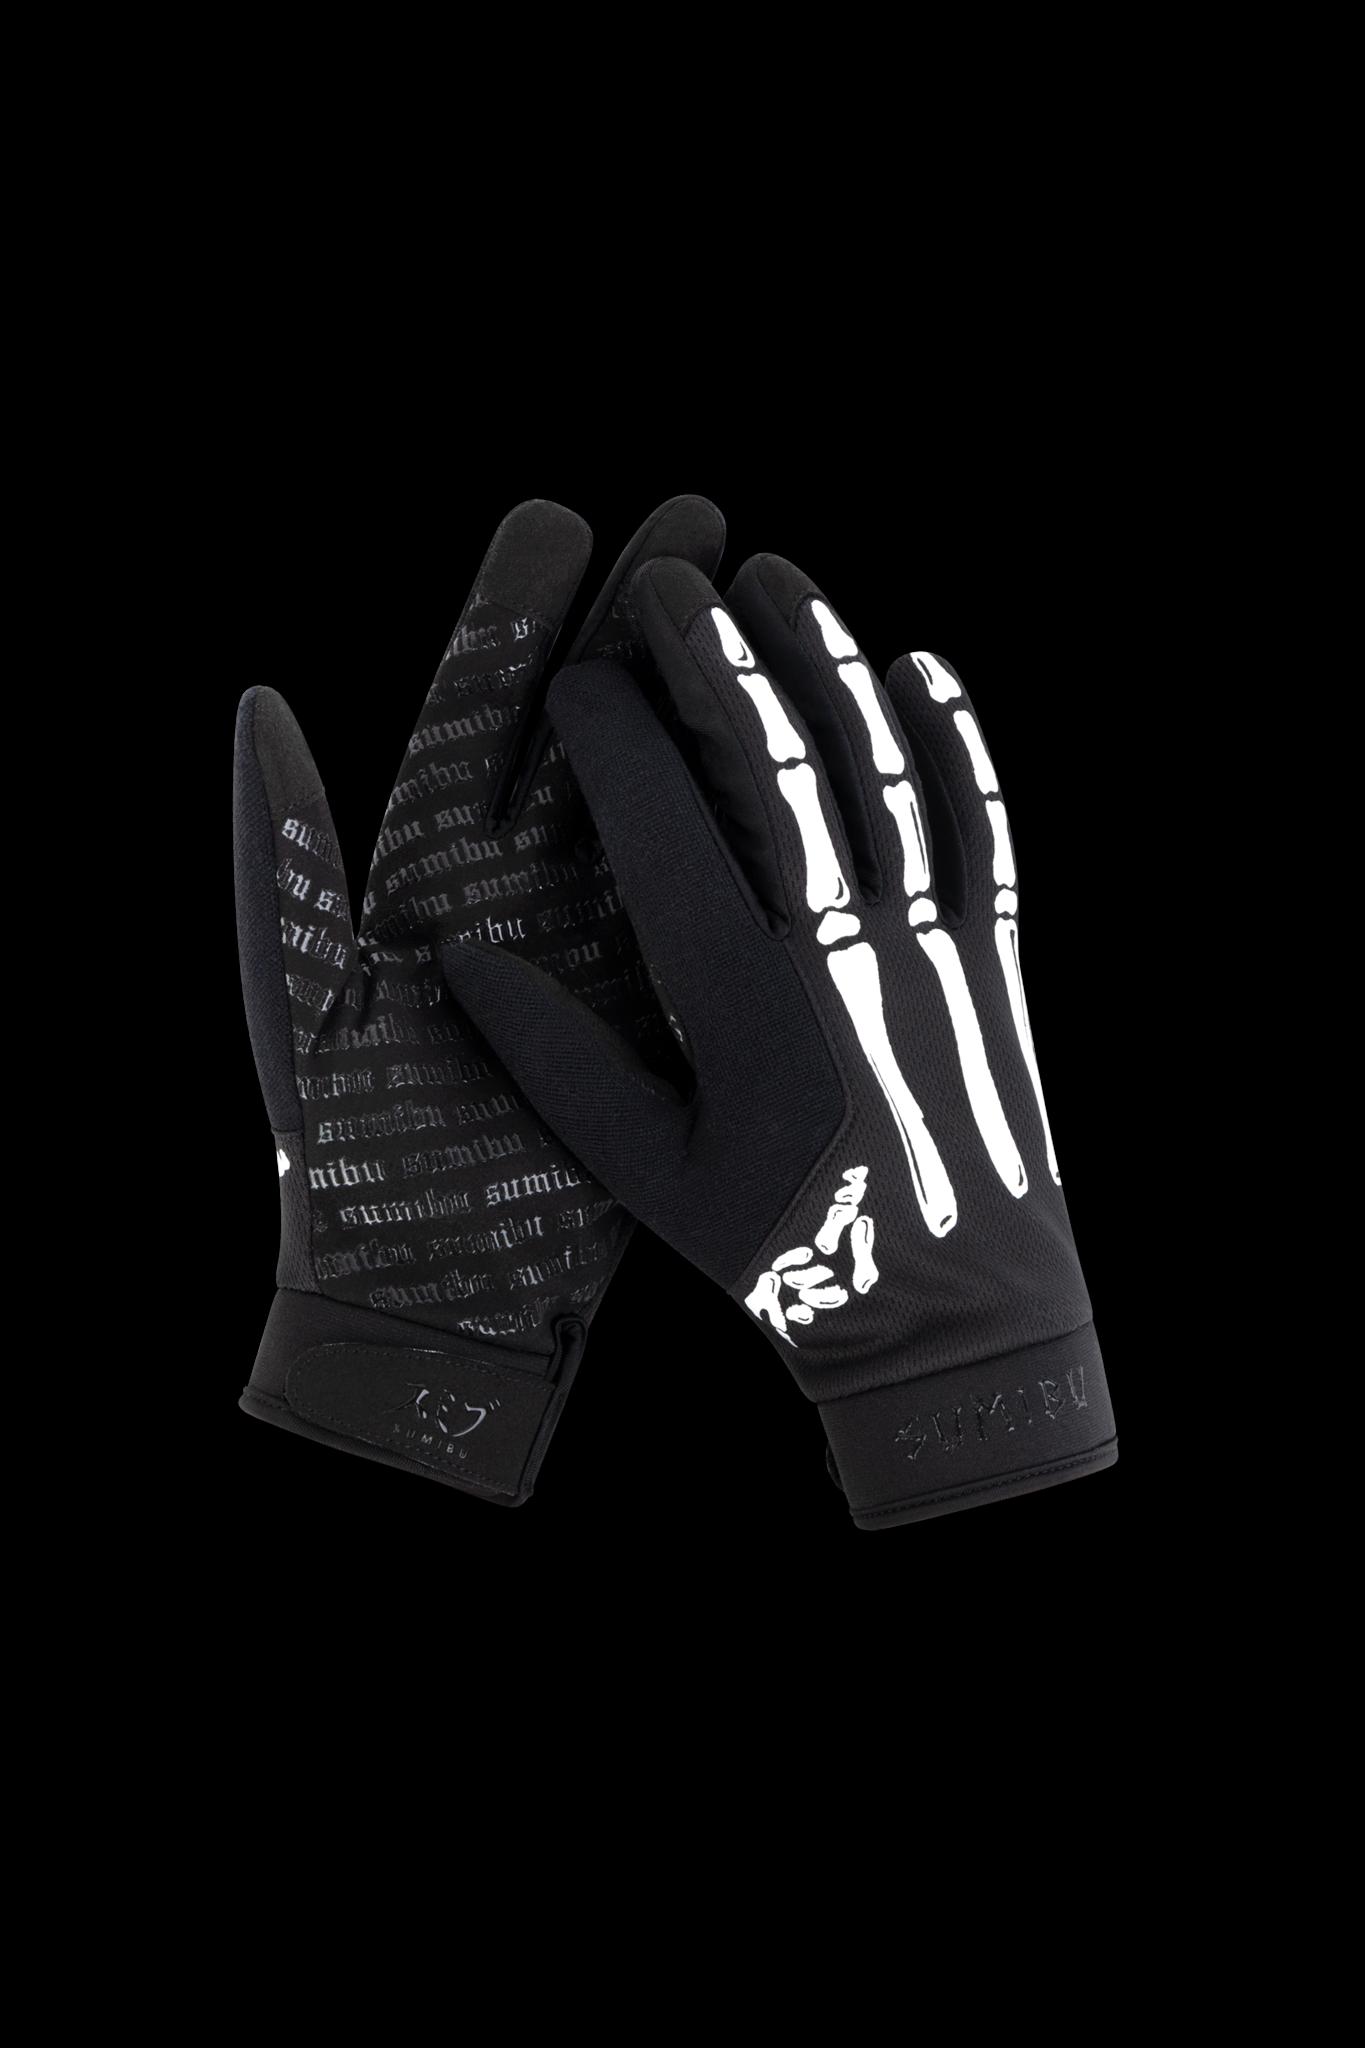 SUMIBU X-Ray E-Gloves